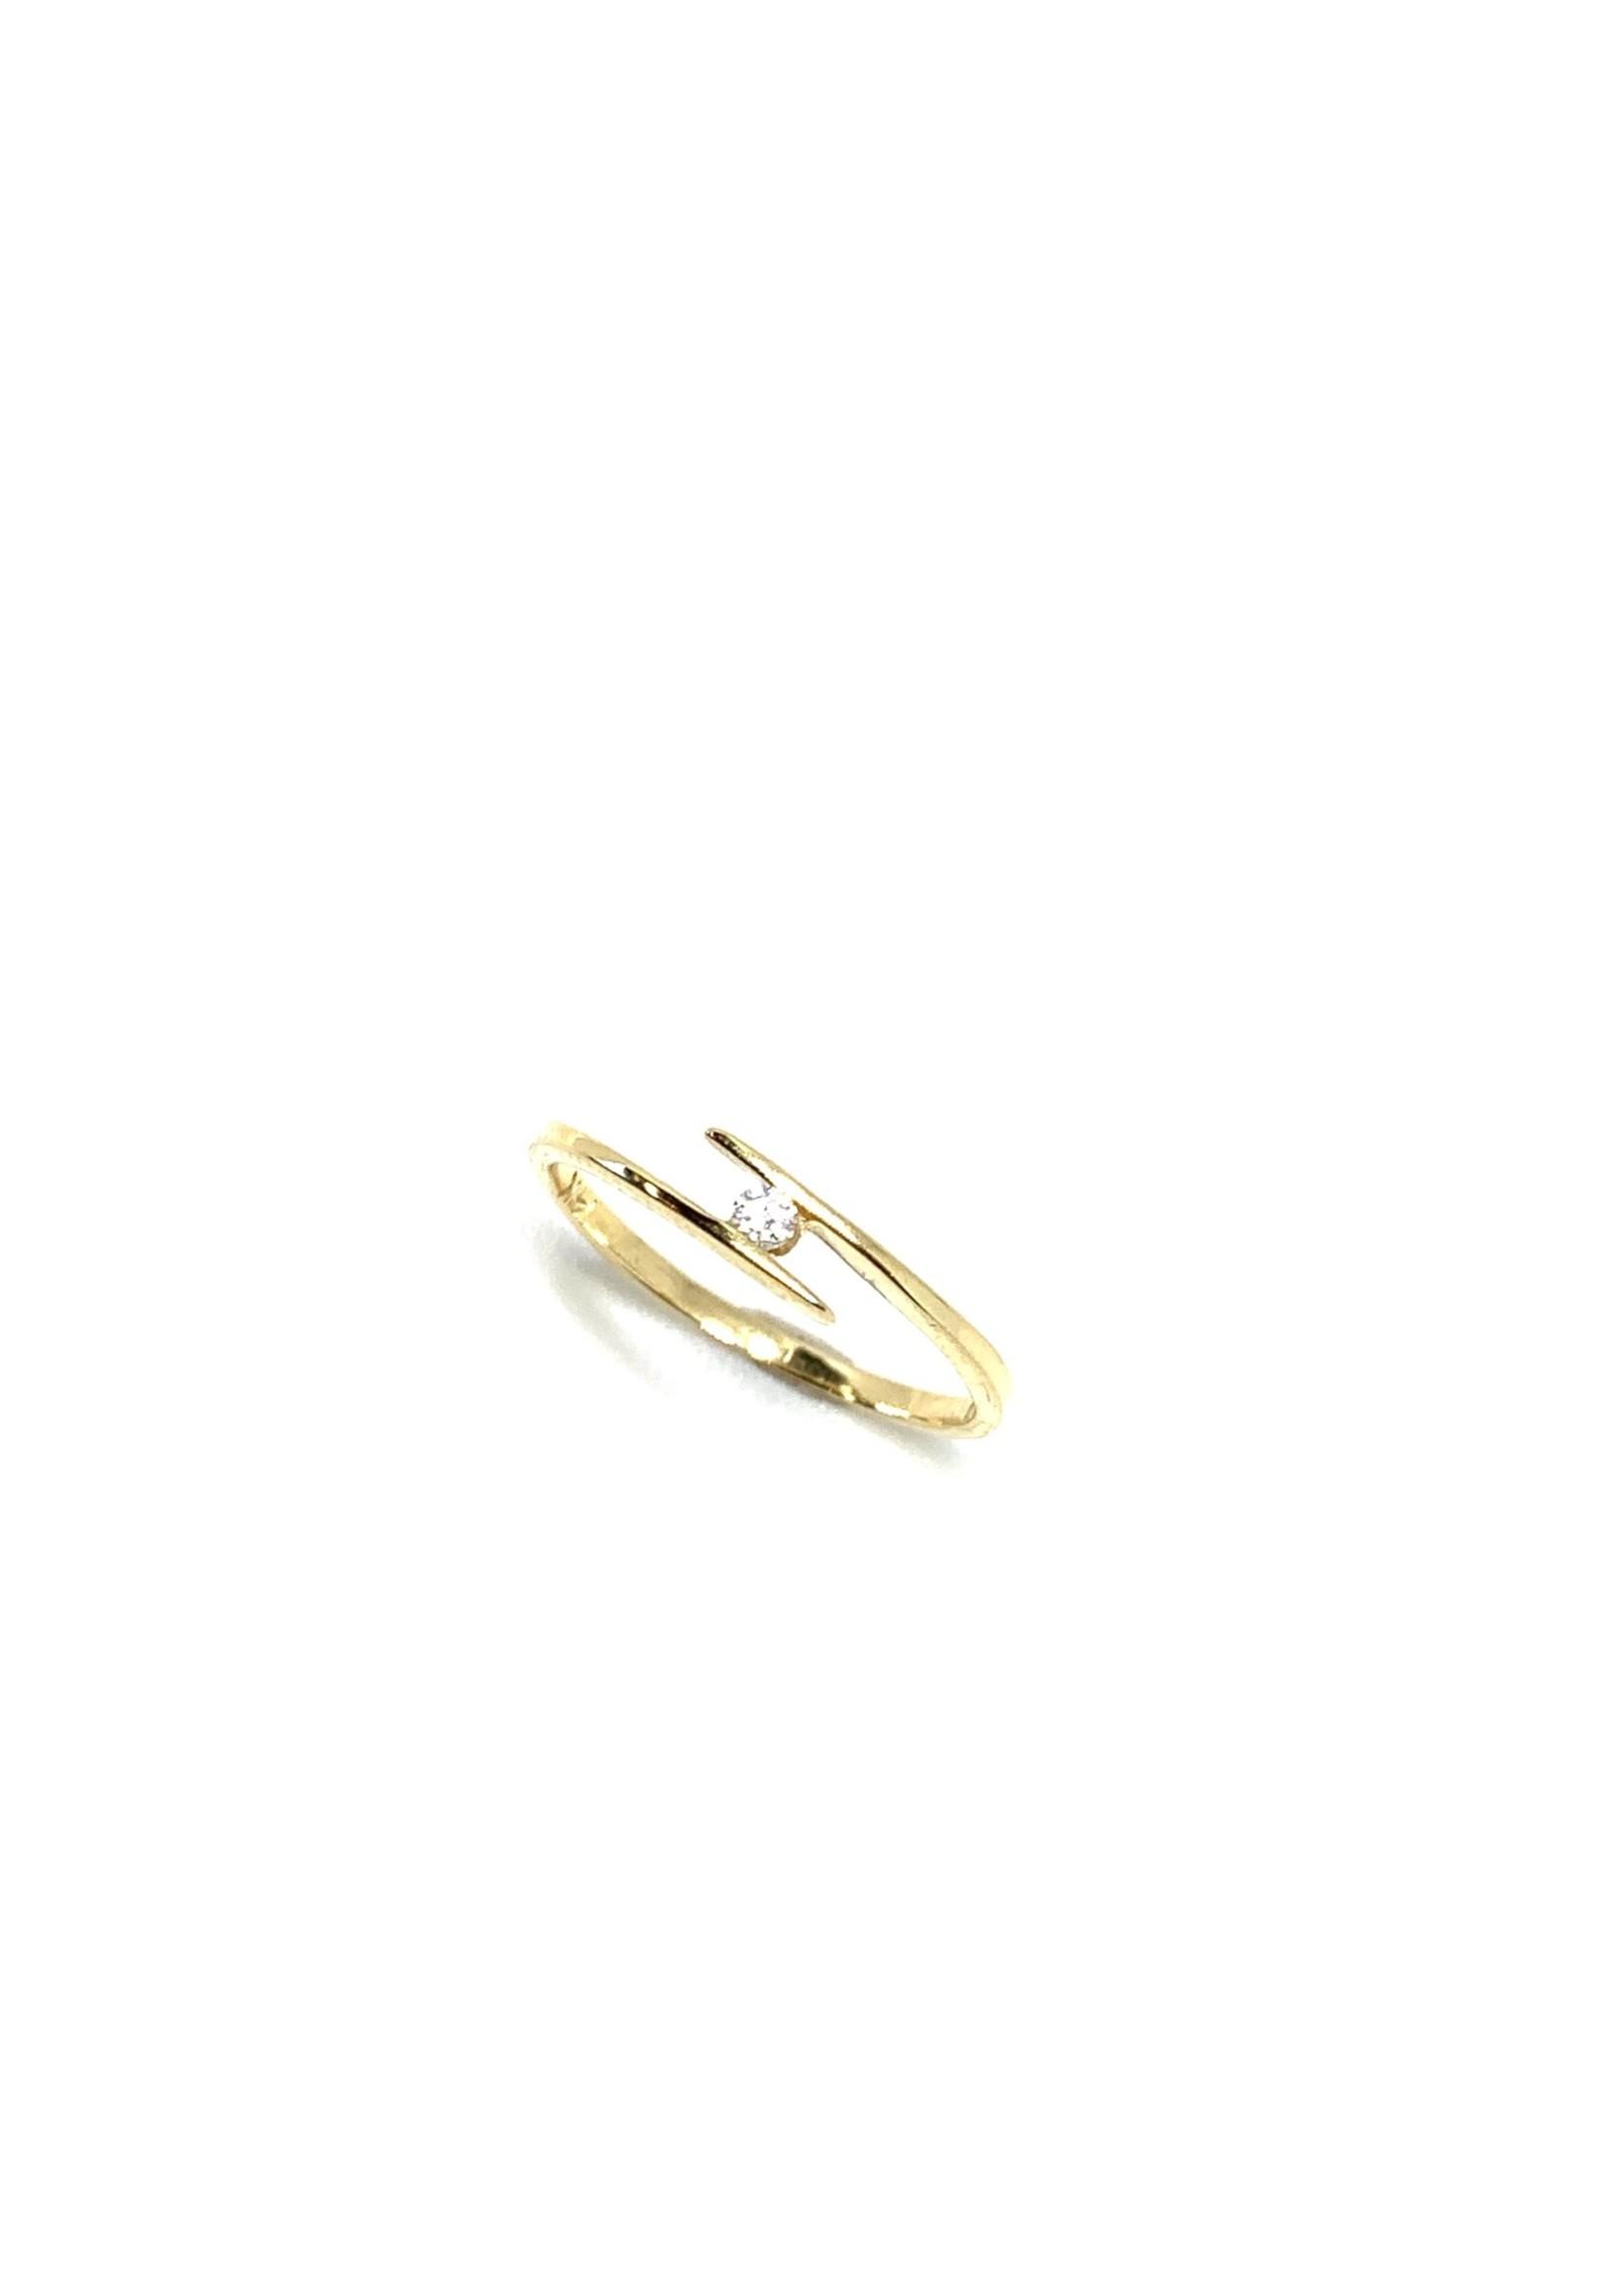 PARÉ Bague Semi-croisée Solitaire Or jaune 14K avec Diamant